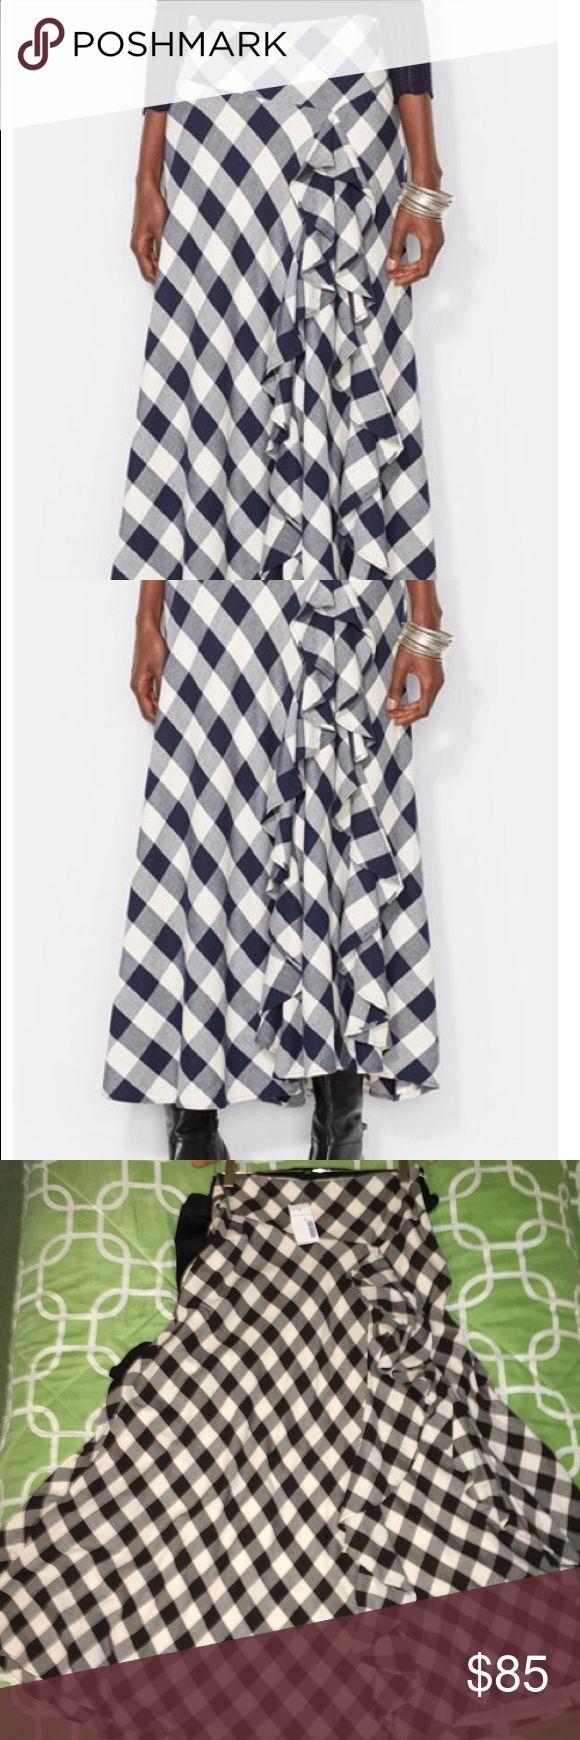 Ralph Lauren Skirt Very trendy Ralph Lauren Ruffle skirt, Long Plaid BLack and Off white design (more like egg shell). Ralph Lauren Skirts Maxi